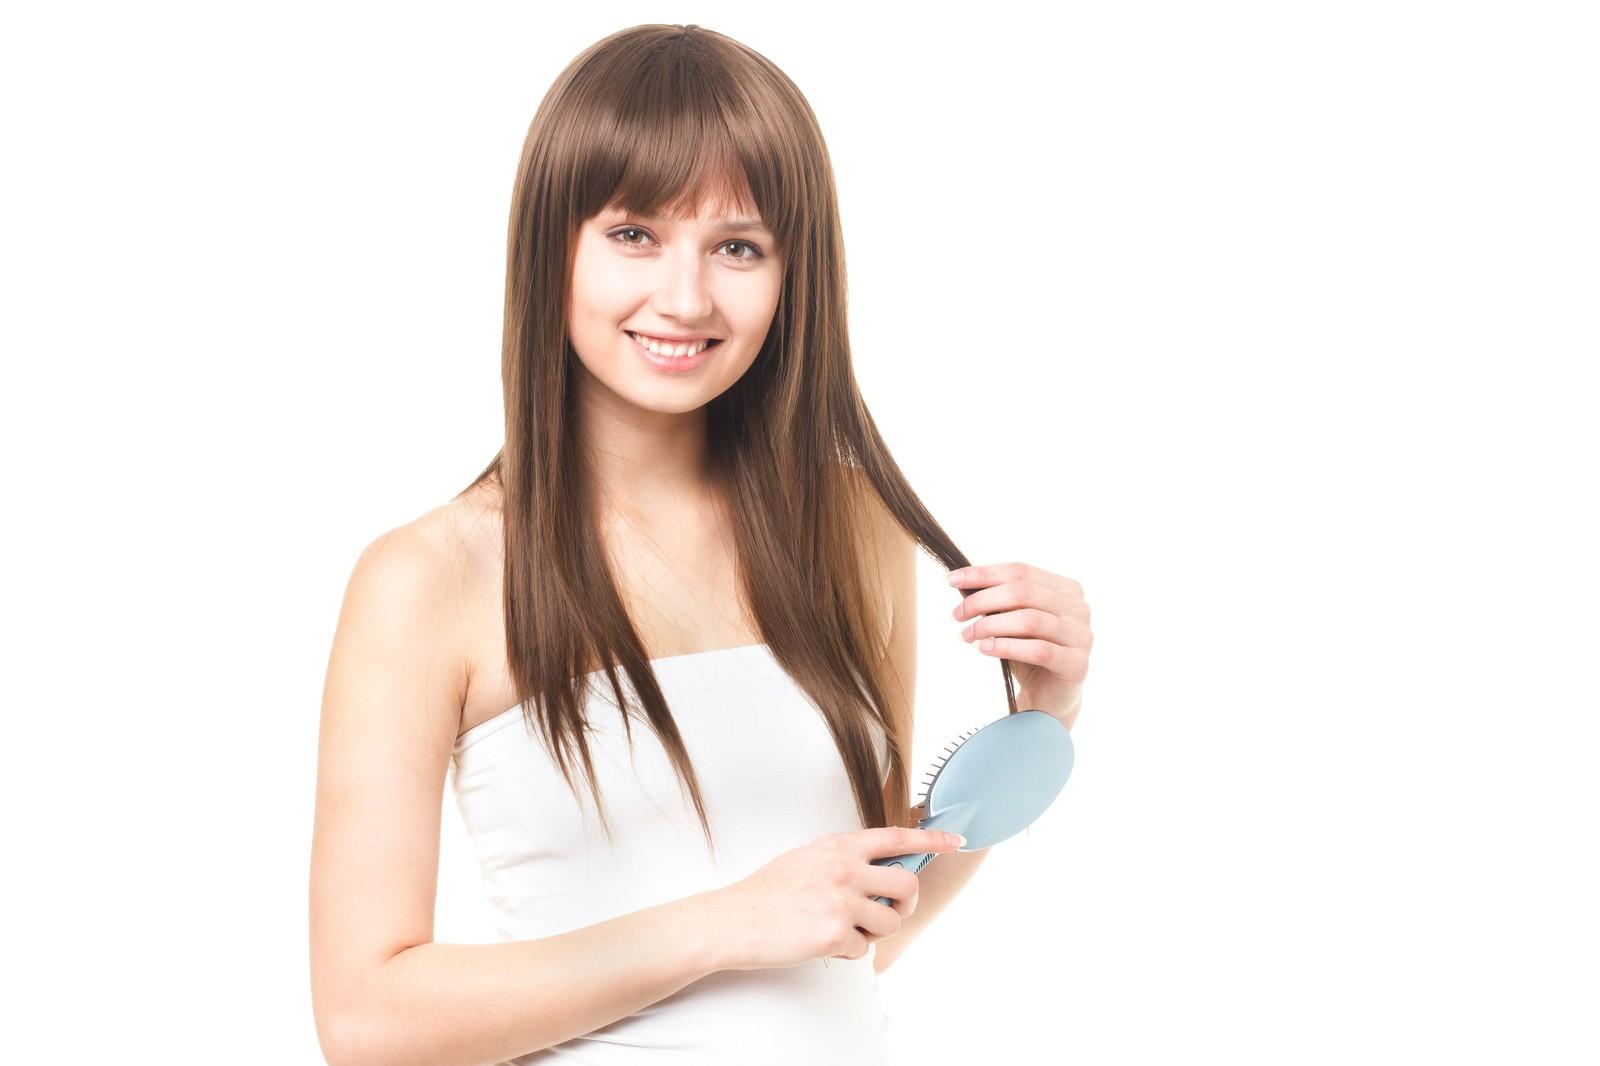 【ヘアケア】傷んだ髪の毛もこれで安心!洗い流さないトリートメントのサムネイル画像